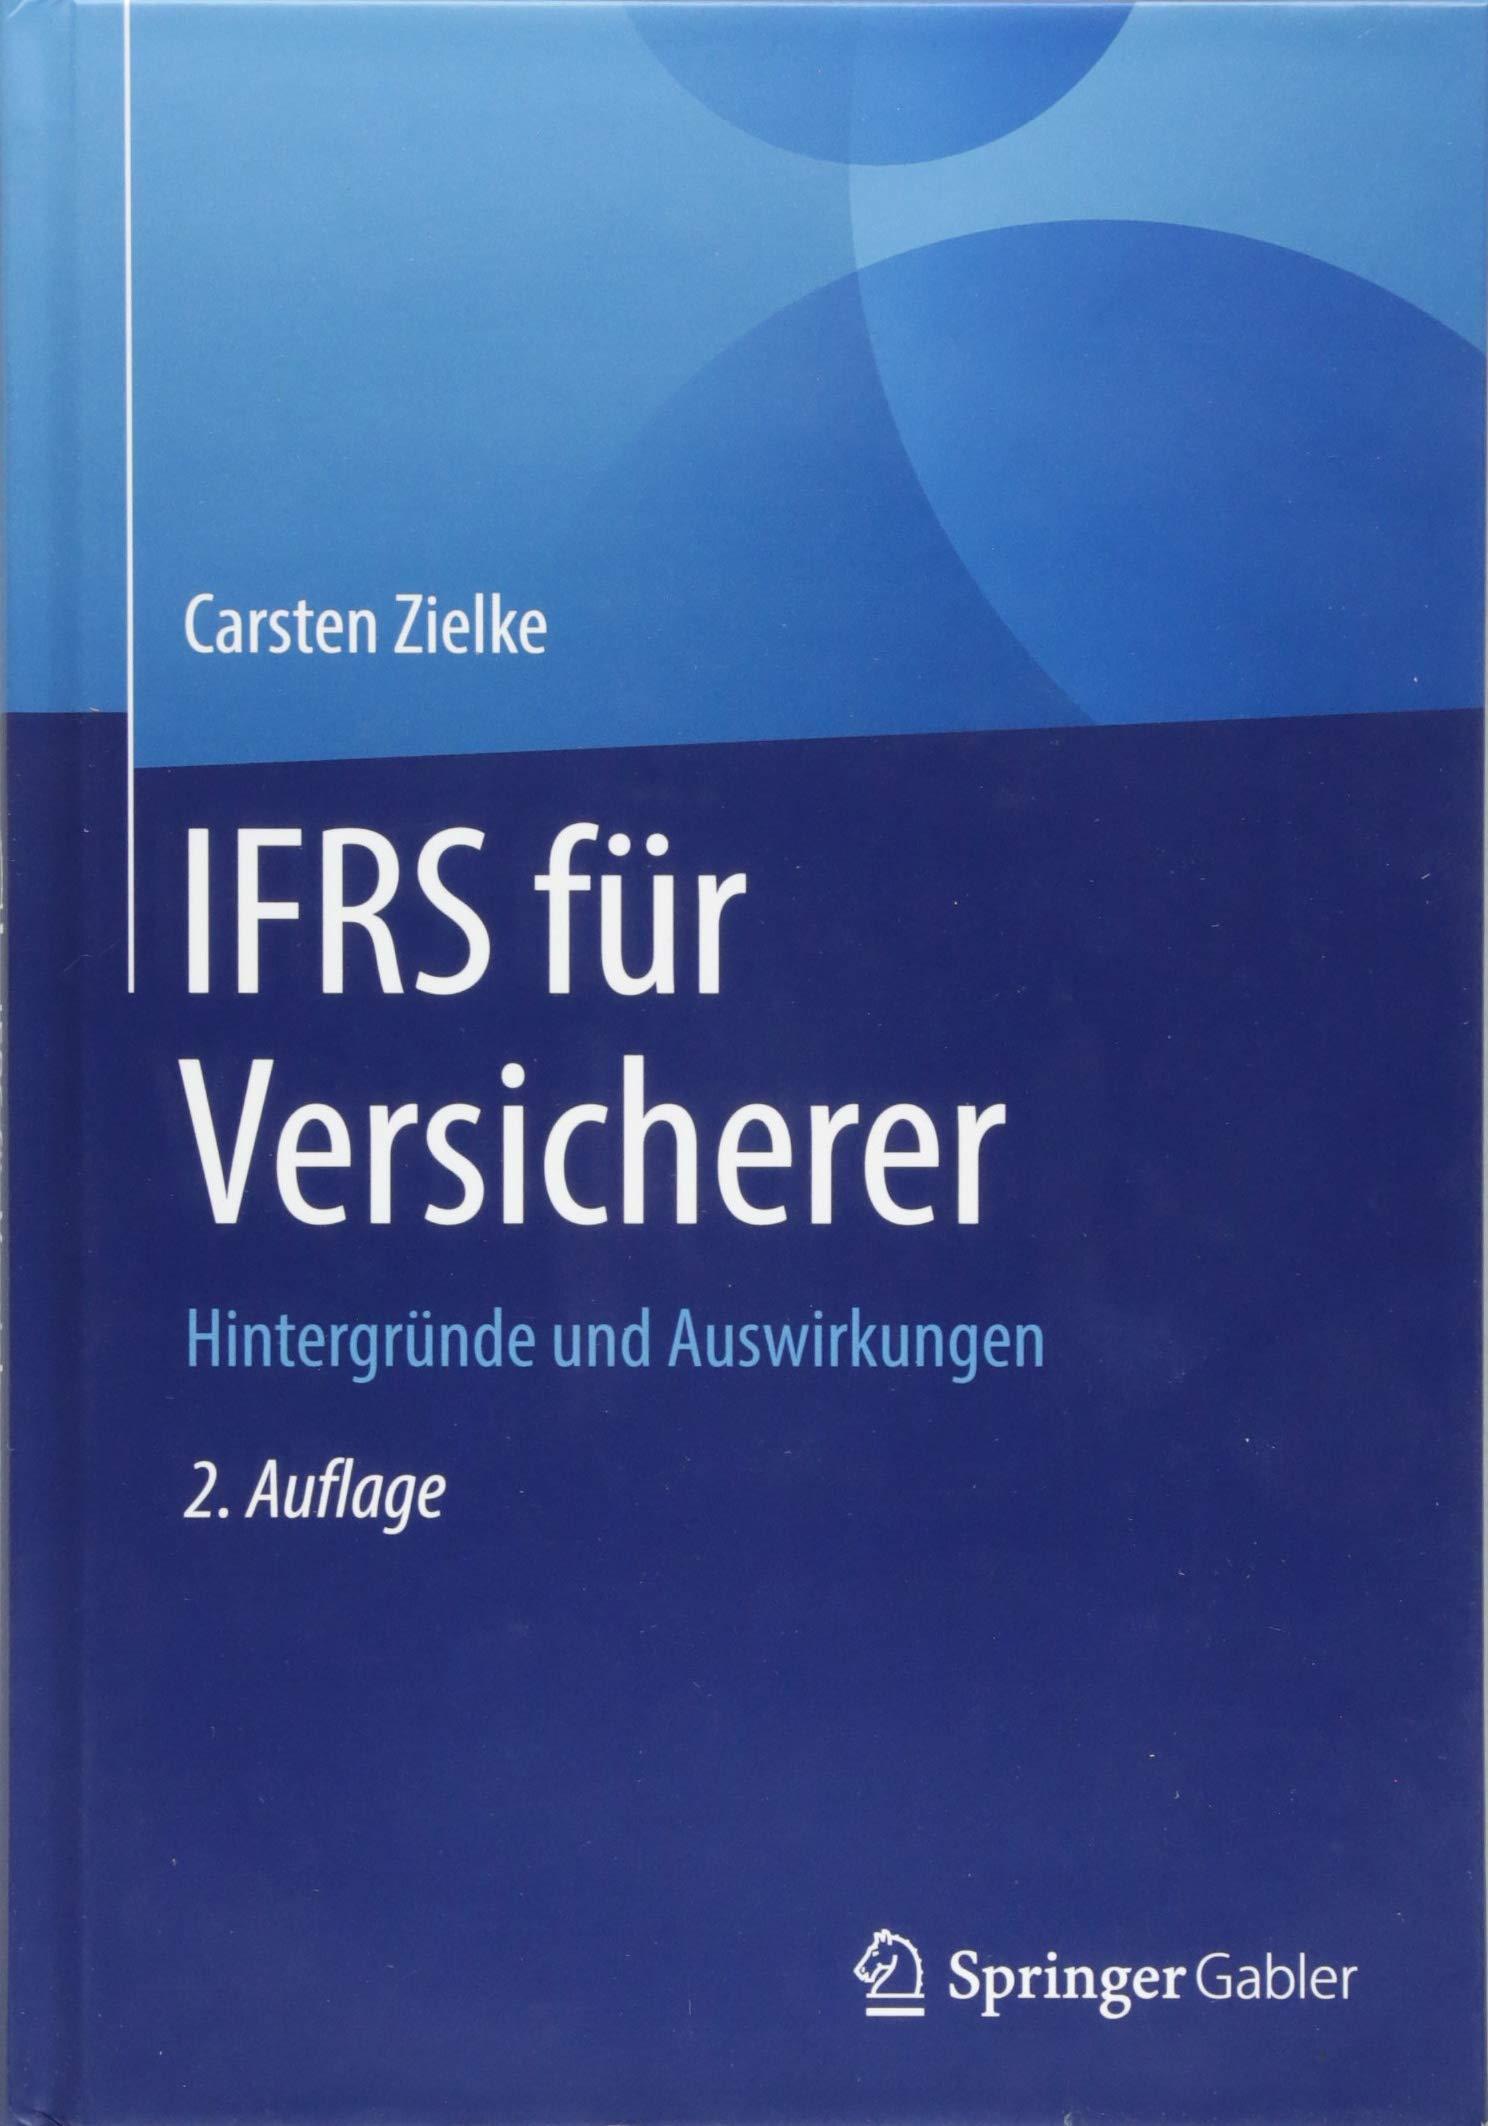 IFRS Für Versicherer  Hintergründe Und Auswirkungen